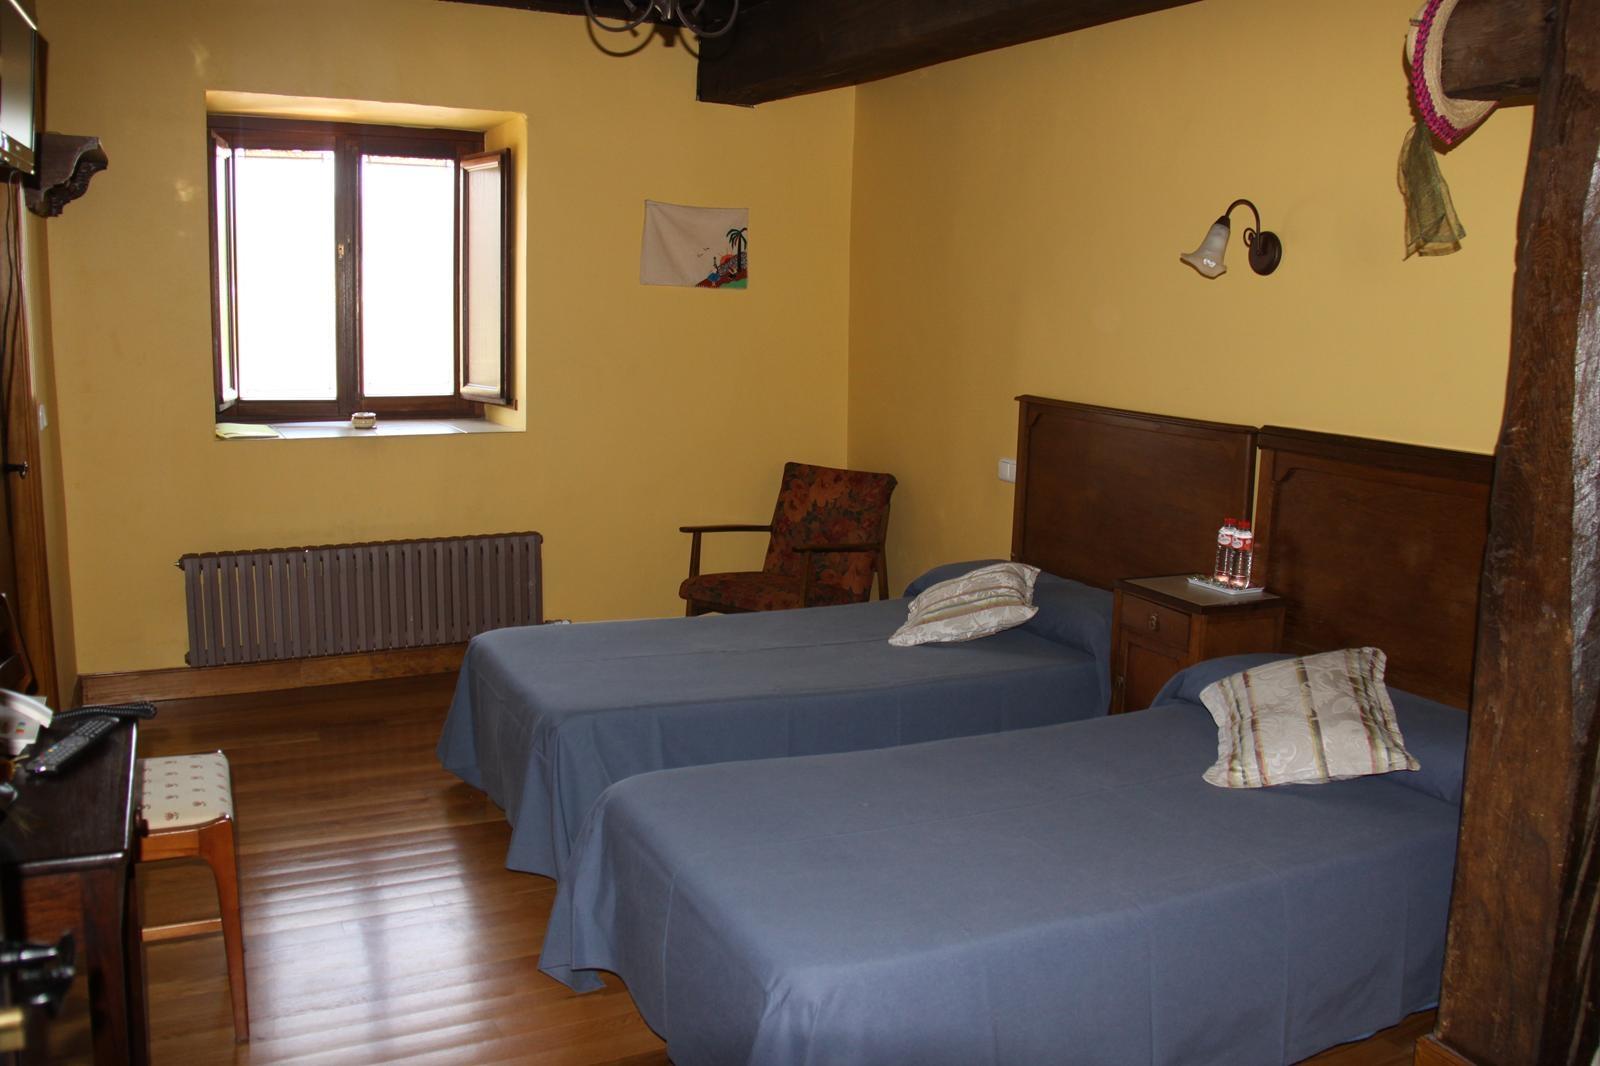 Casa rural bentazar en elosu legutiano alava pais for Casa rural 5 habitaciones